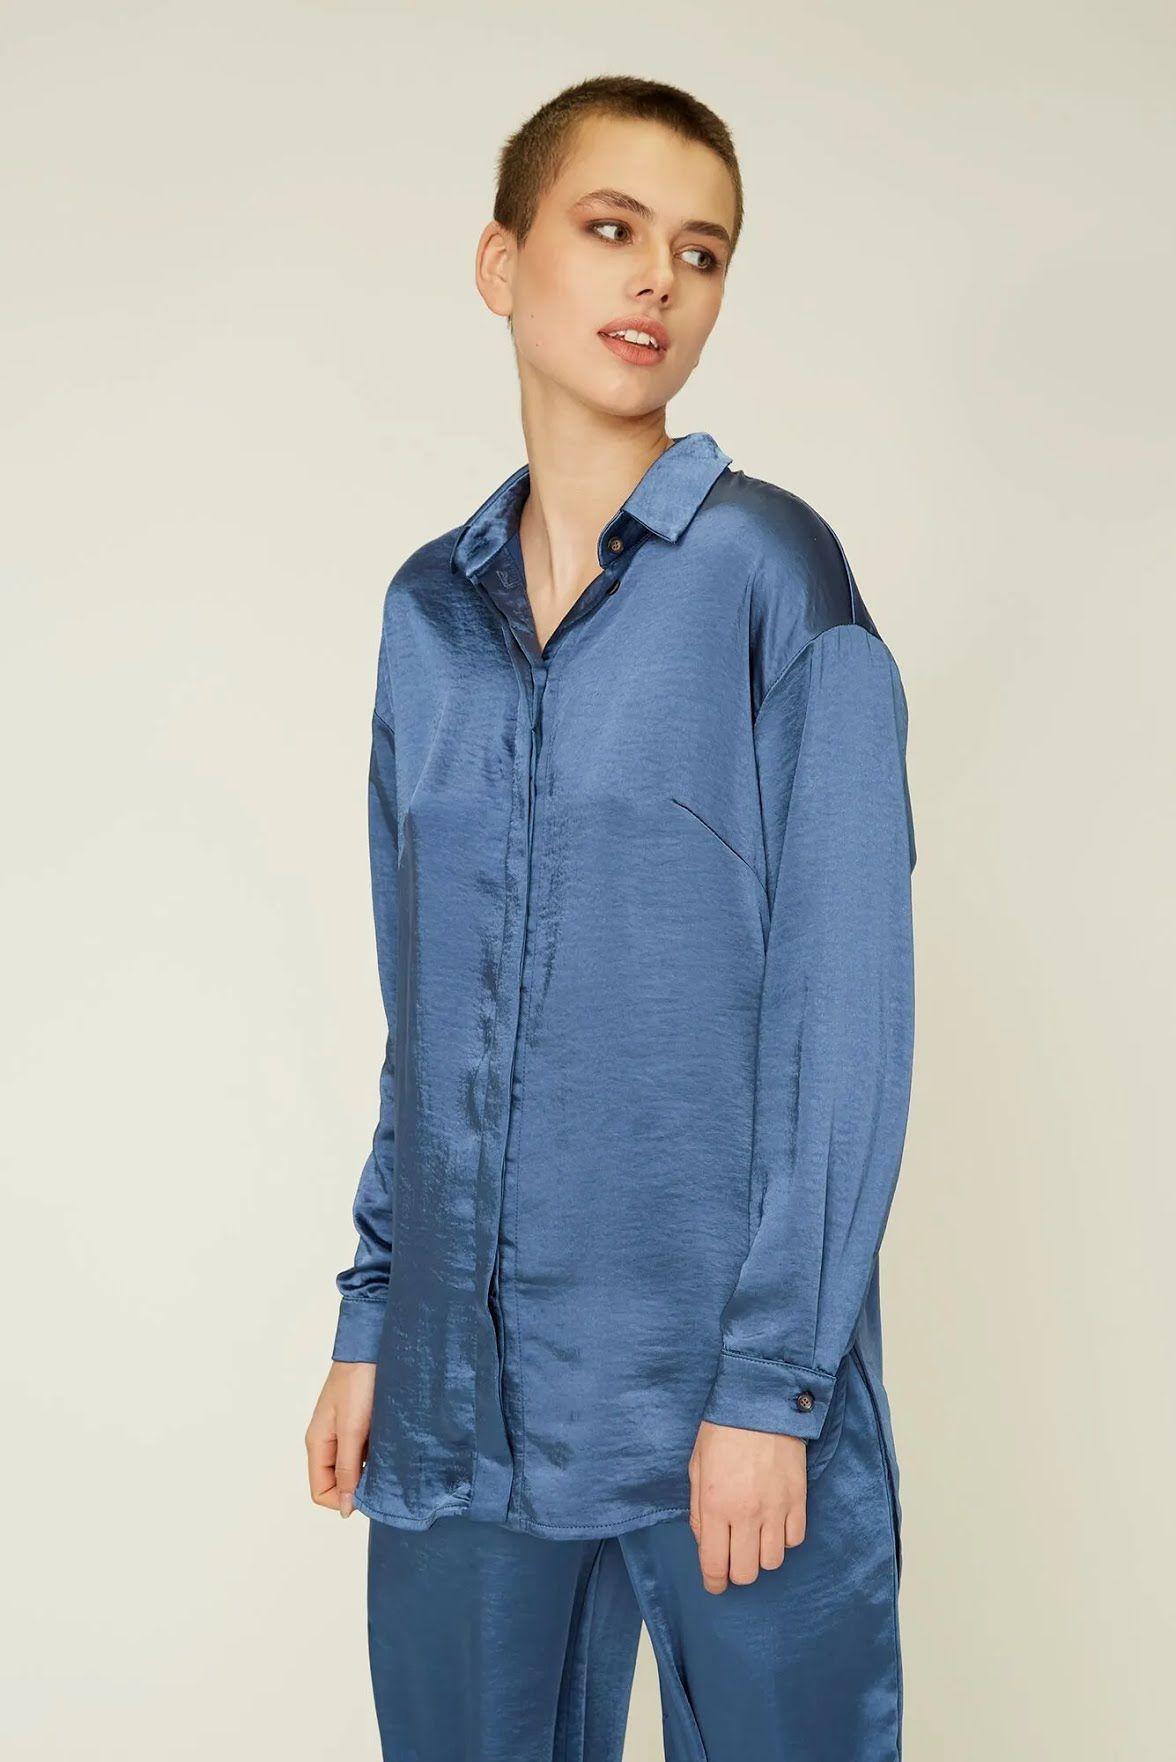 Подовжену сорочку дизайнер радить носити в прохолодну погоду з oversize брюками